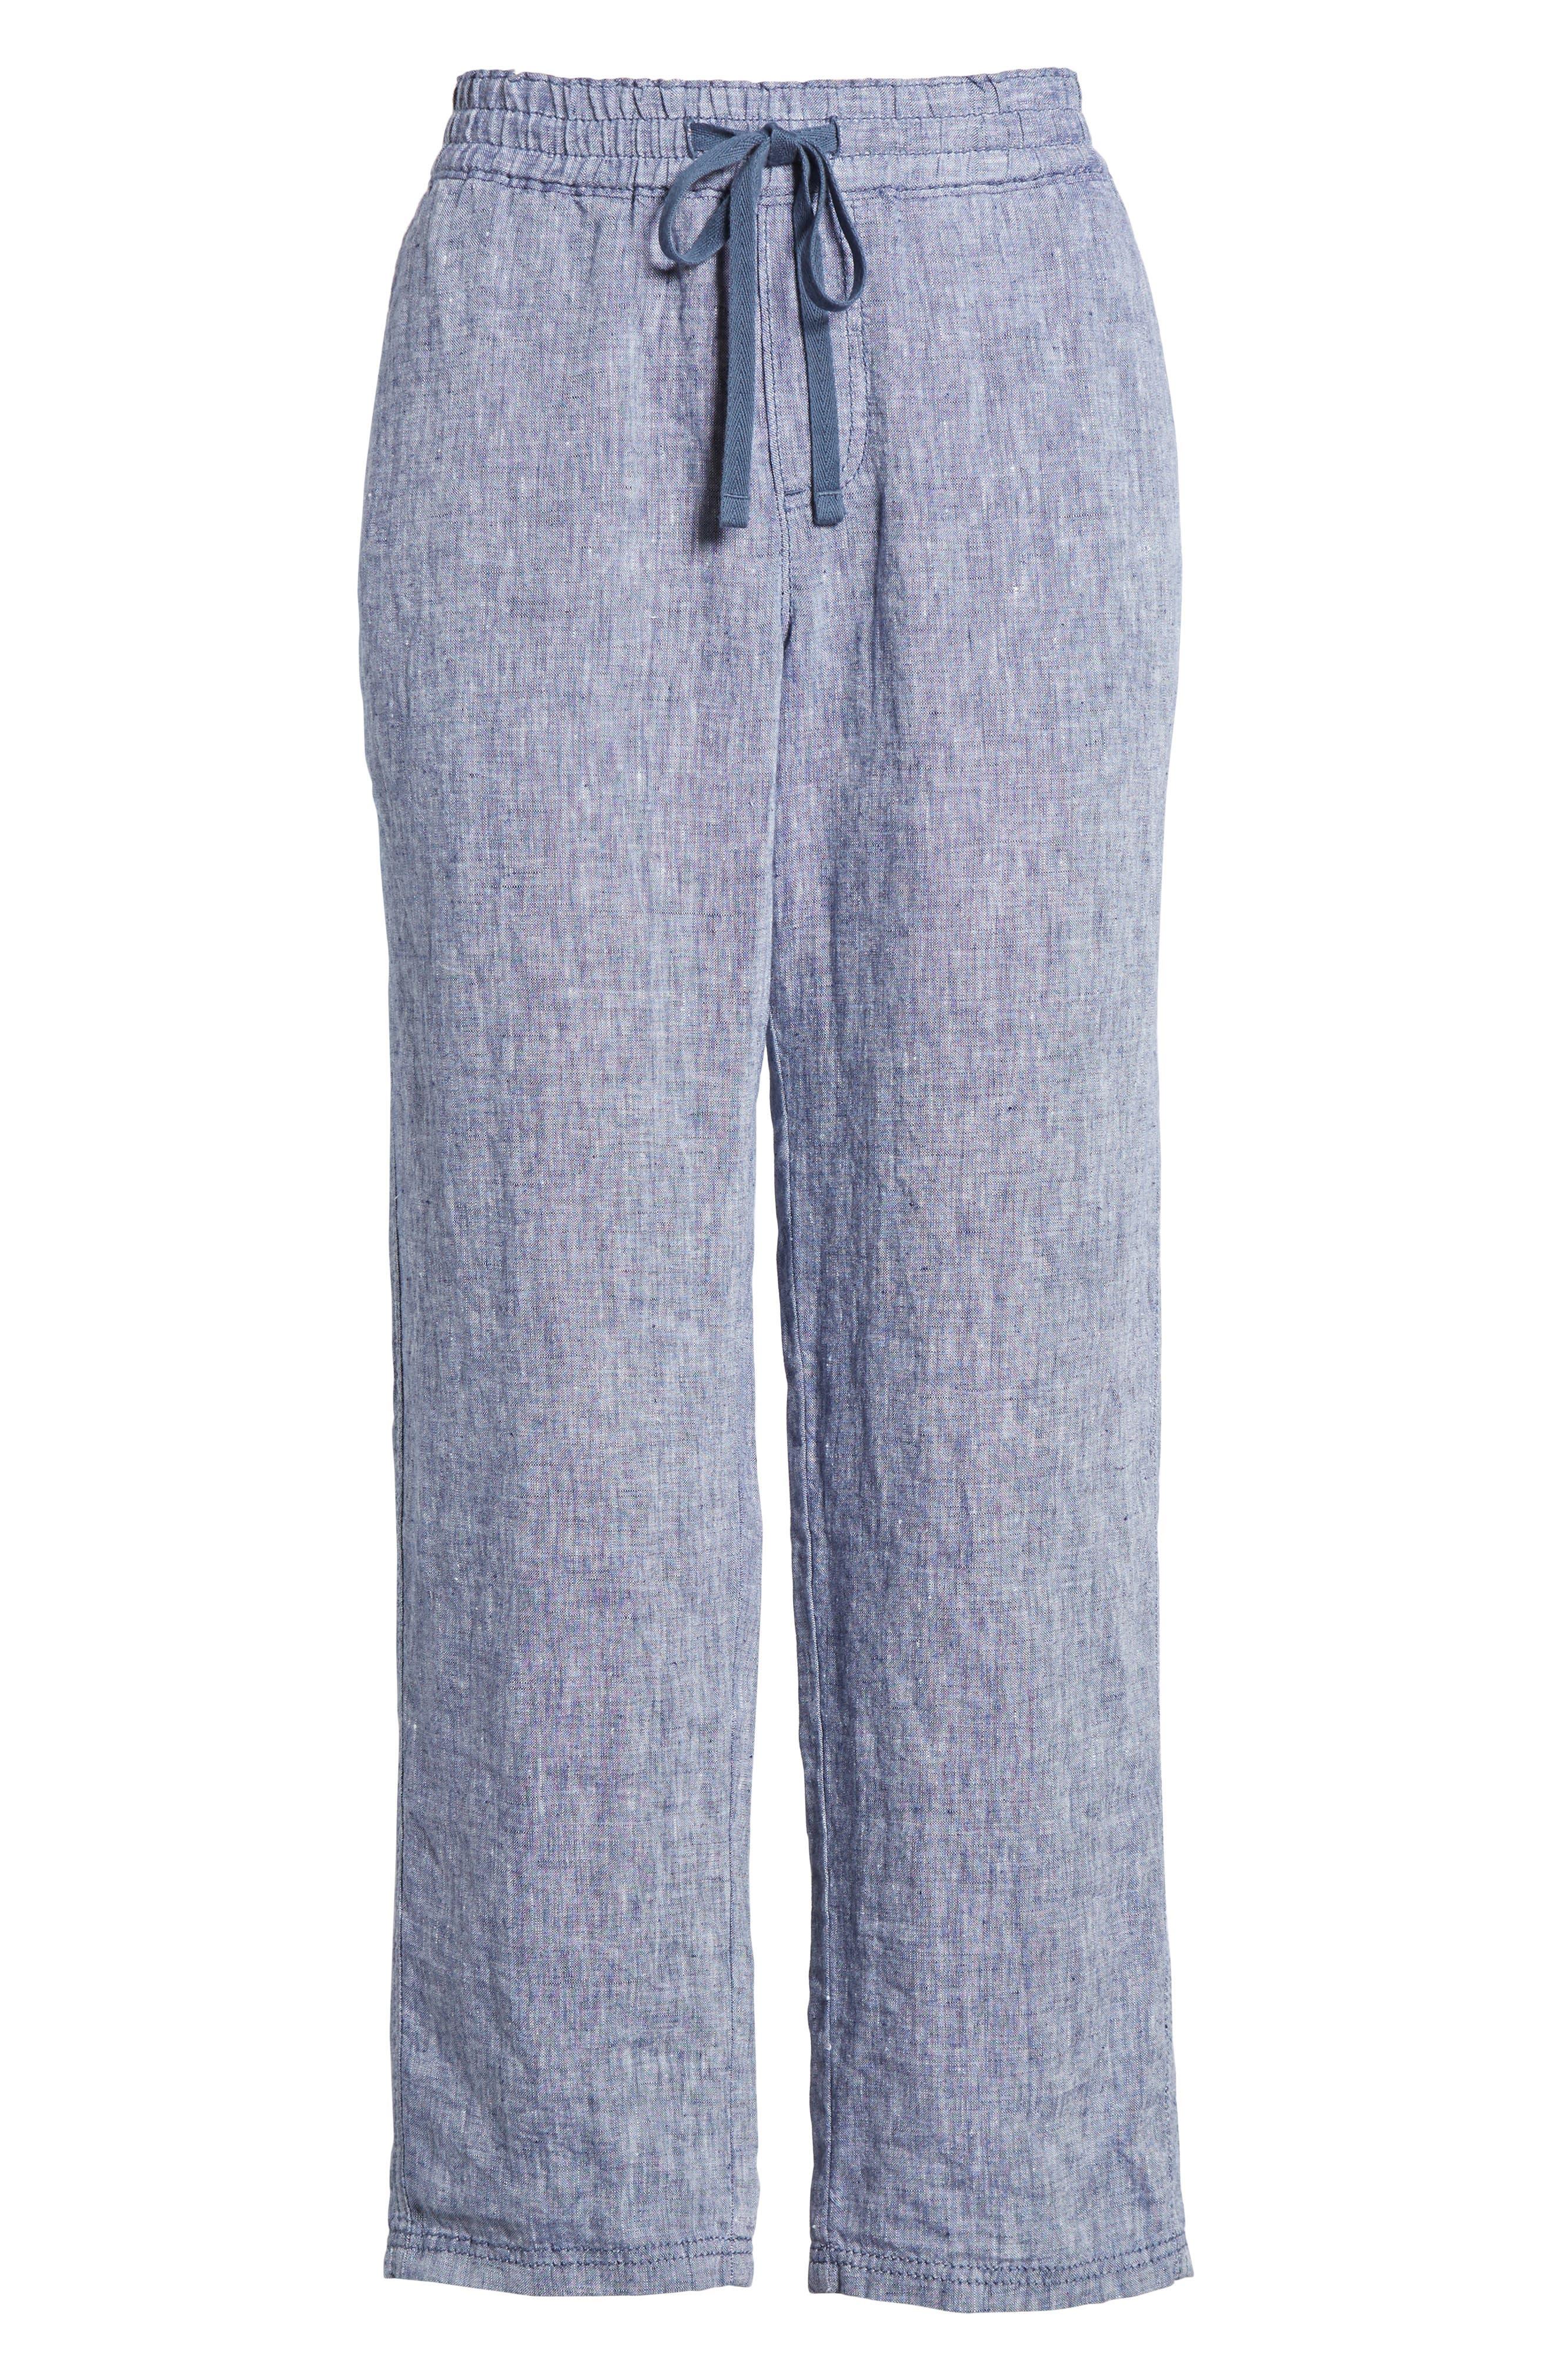 Linen Crop Pants,                             Alternate thumbnail 6, color,                             411